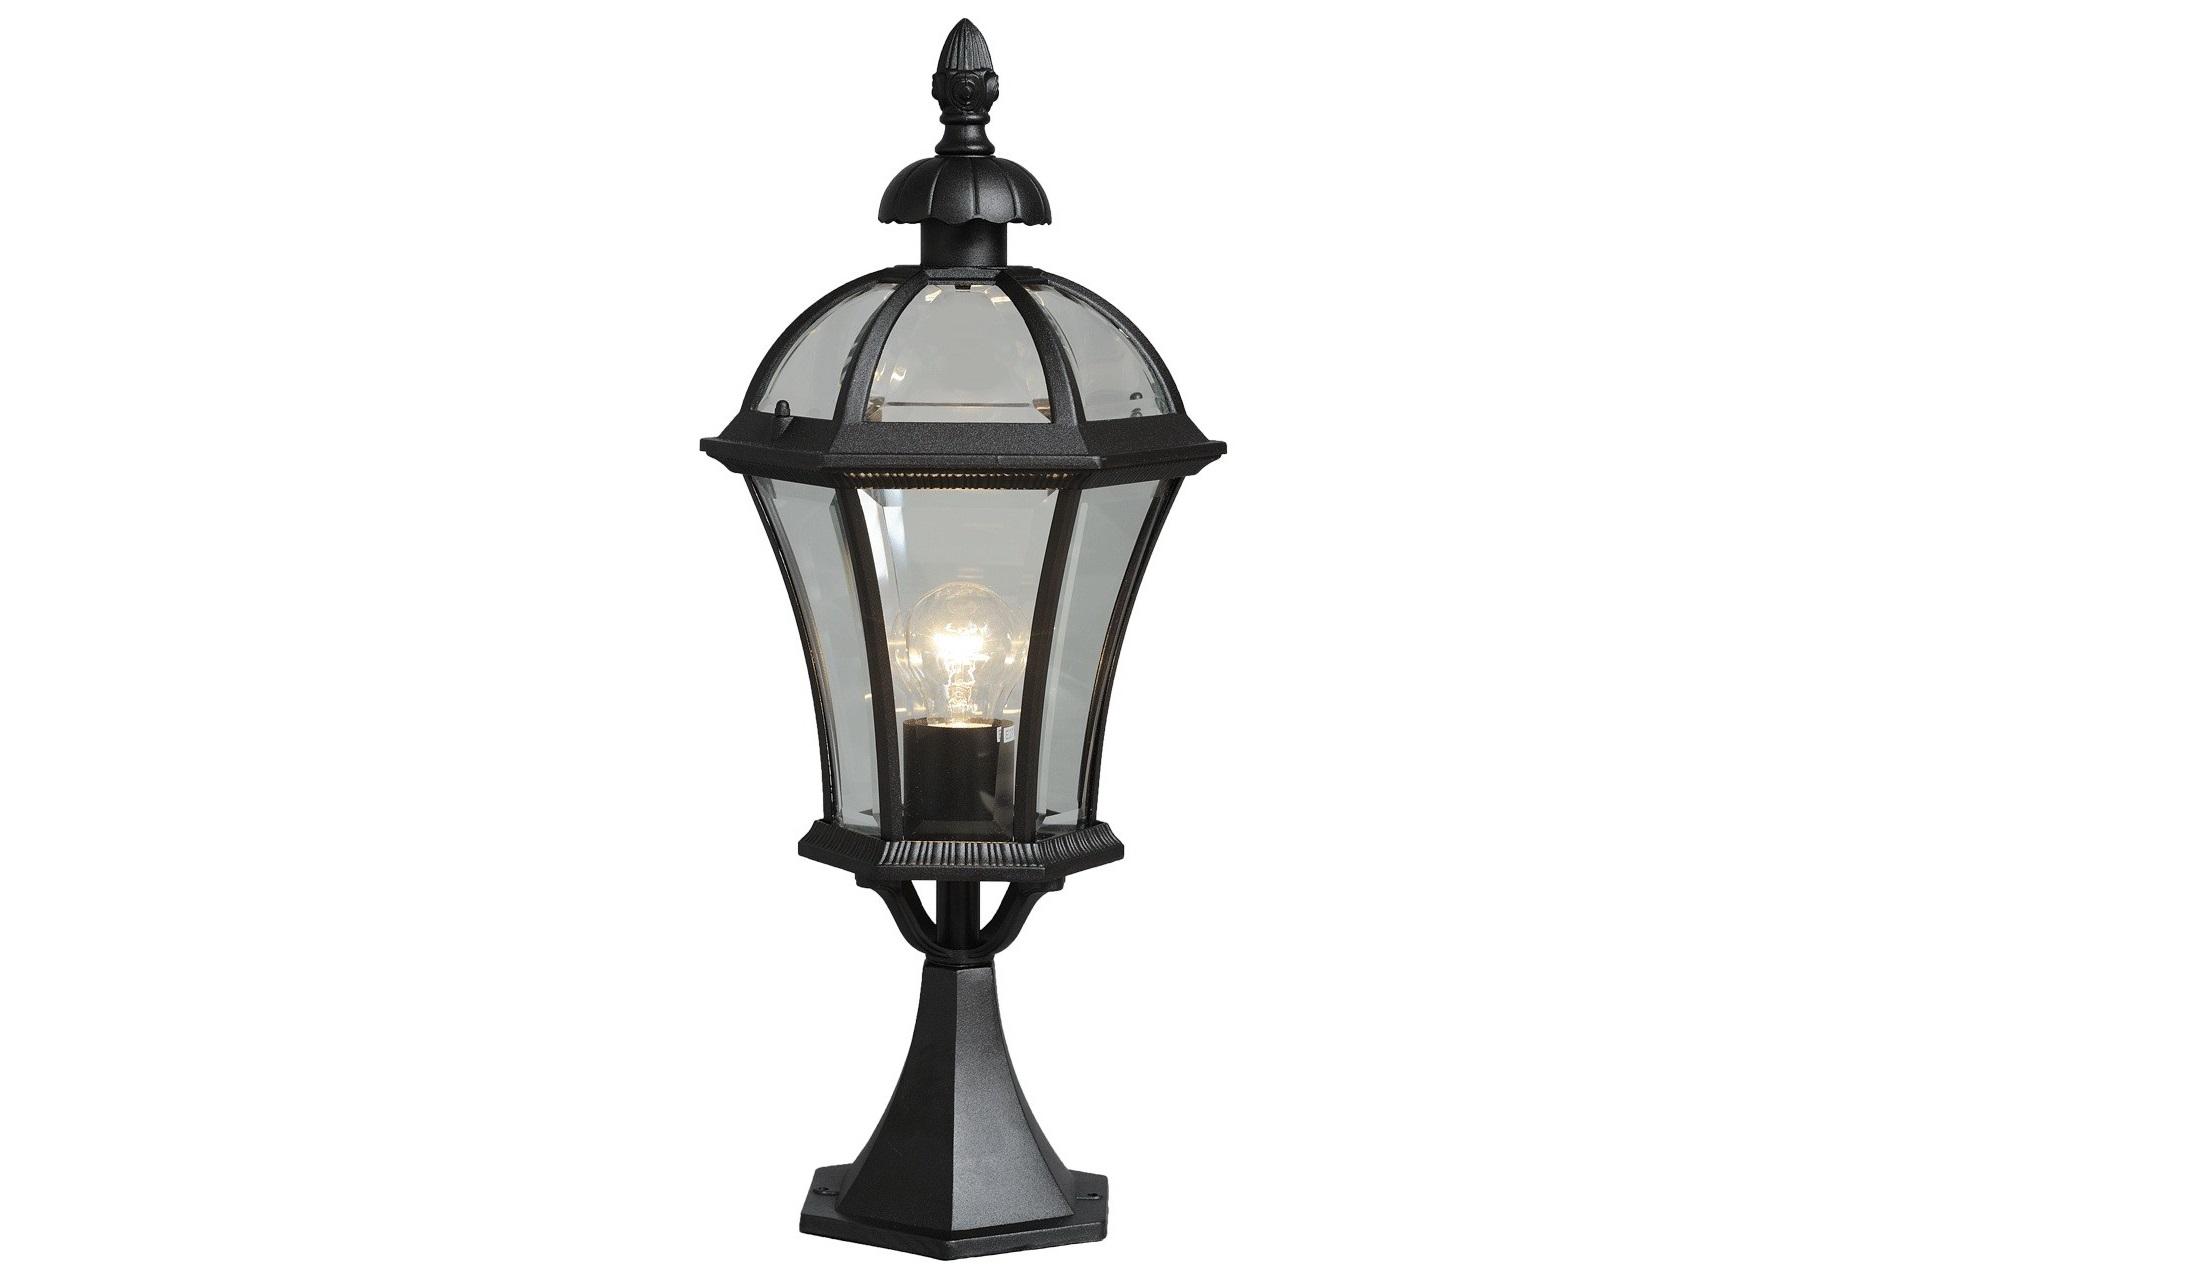 Уличный светильник СандраУличные наземные светильники<br>&amp;lt;div&amp;gt;Основание из алюминия черного цвета, плафоны из &amp;amp;nbsp;стекла.&amp;lt;/div&amp;gt;&amp;lt;div&amp;gt;&amp;lt;br&amp;gt;&amp;lt;/div&amp;gt;&amp;lt;div&amp;gt;Мощность 1*95W&amp;lt;/div&amp;gt;&amp;lt;div&amp;gt;Цоколь E27&amp;lt;/div&amp;gt;&amp;lt;div&amp;gt;Рабочее напряжение 220 V&amp;lt;/div&amp;gt;&amp;lt;div&amp;gt;Степень защиты светильников от пыли и влаги IP 23&amp;lt;/div&amp;gt;<br><br>Material: Алюминий<br>Ширина см: 20<br>Высота см: 60